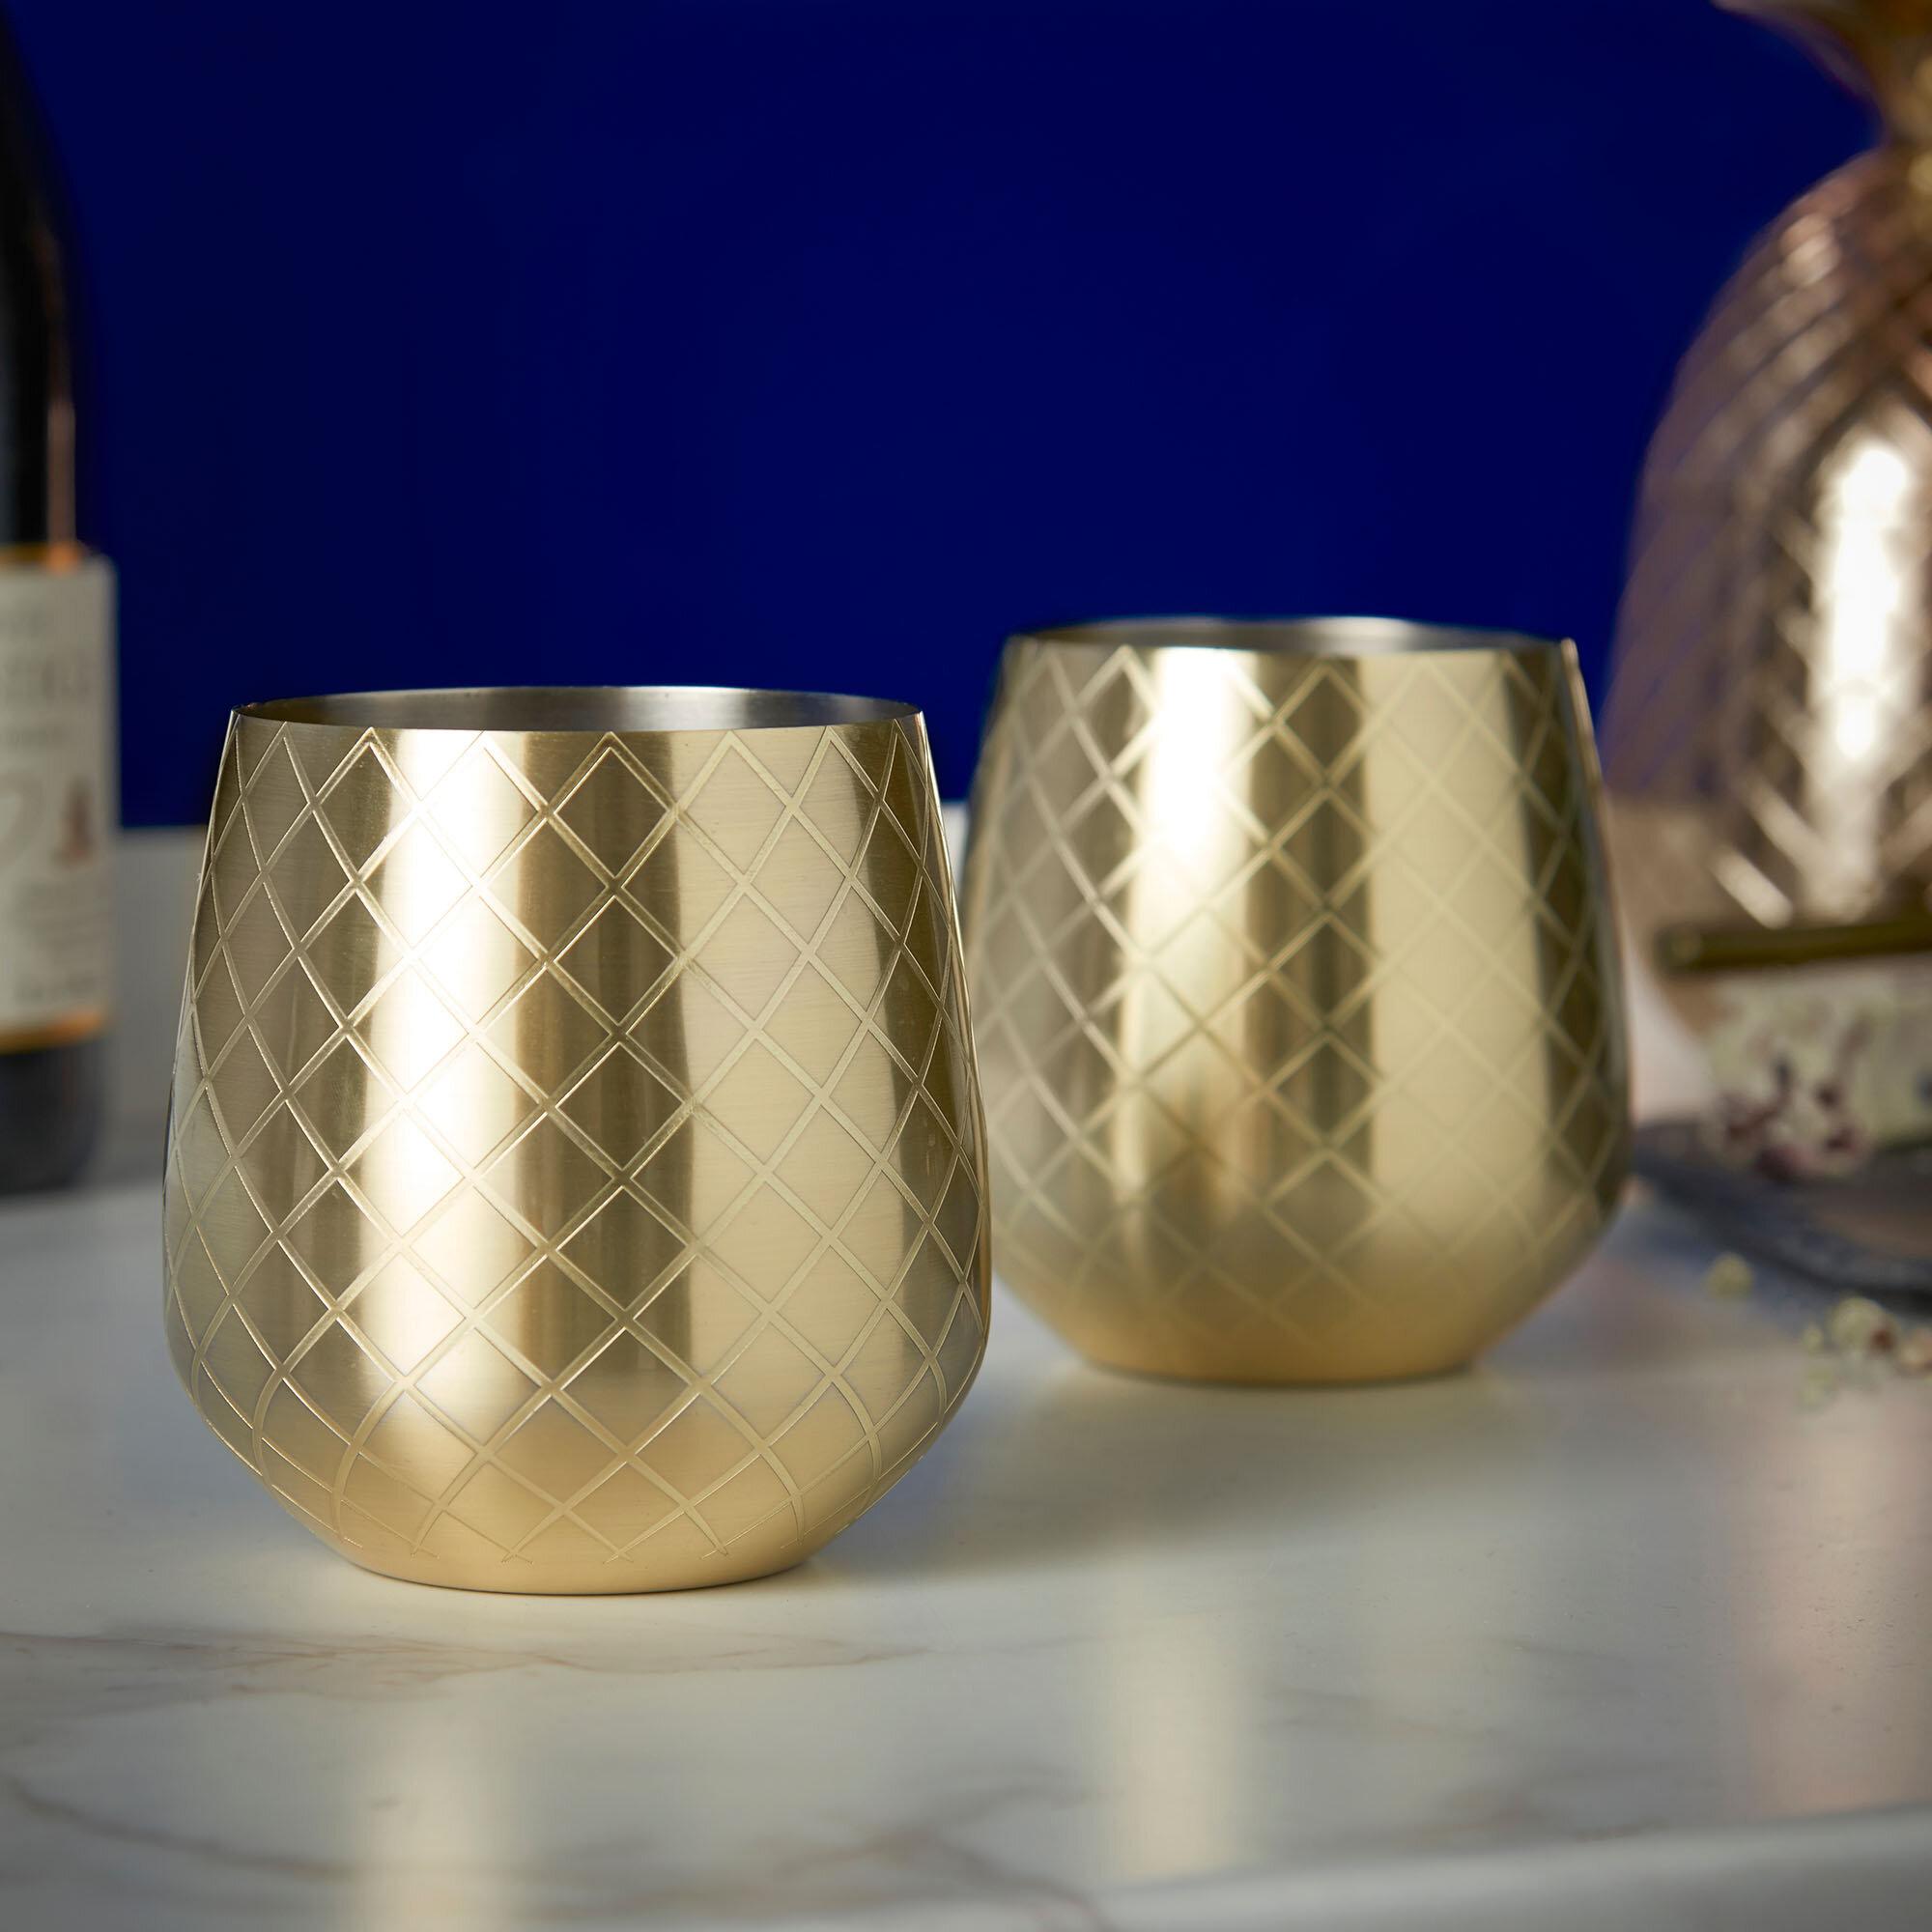 Vonshef 12 Oz Stainless Steel Stemless Wine Glass Wayfair